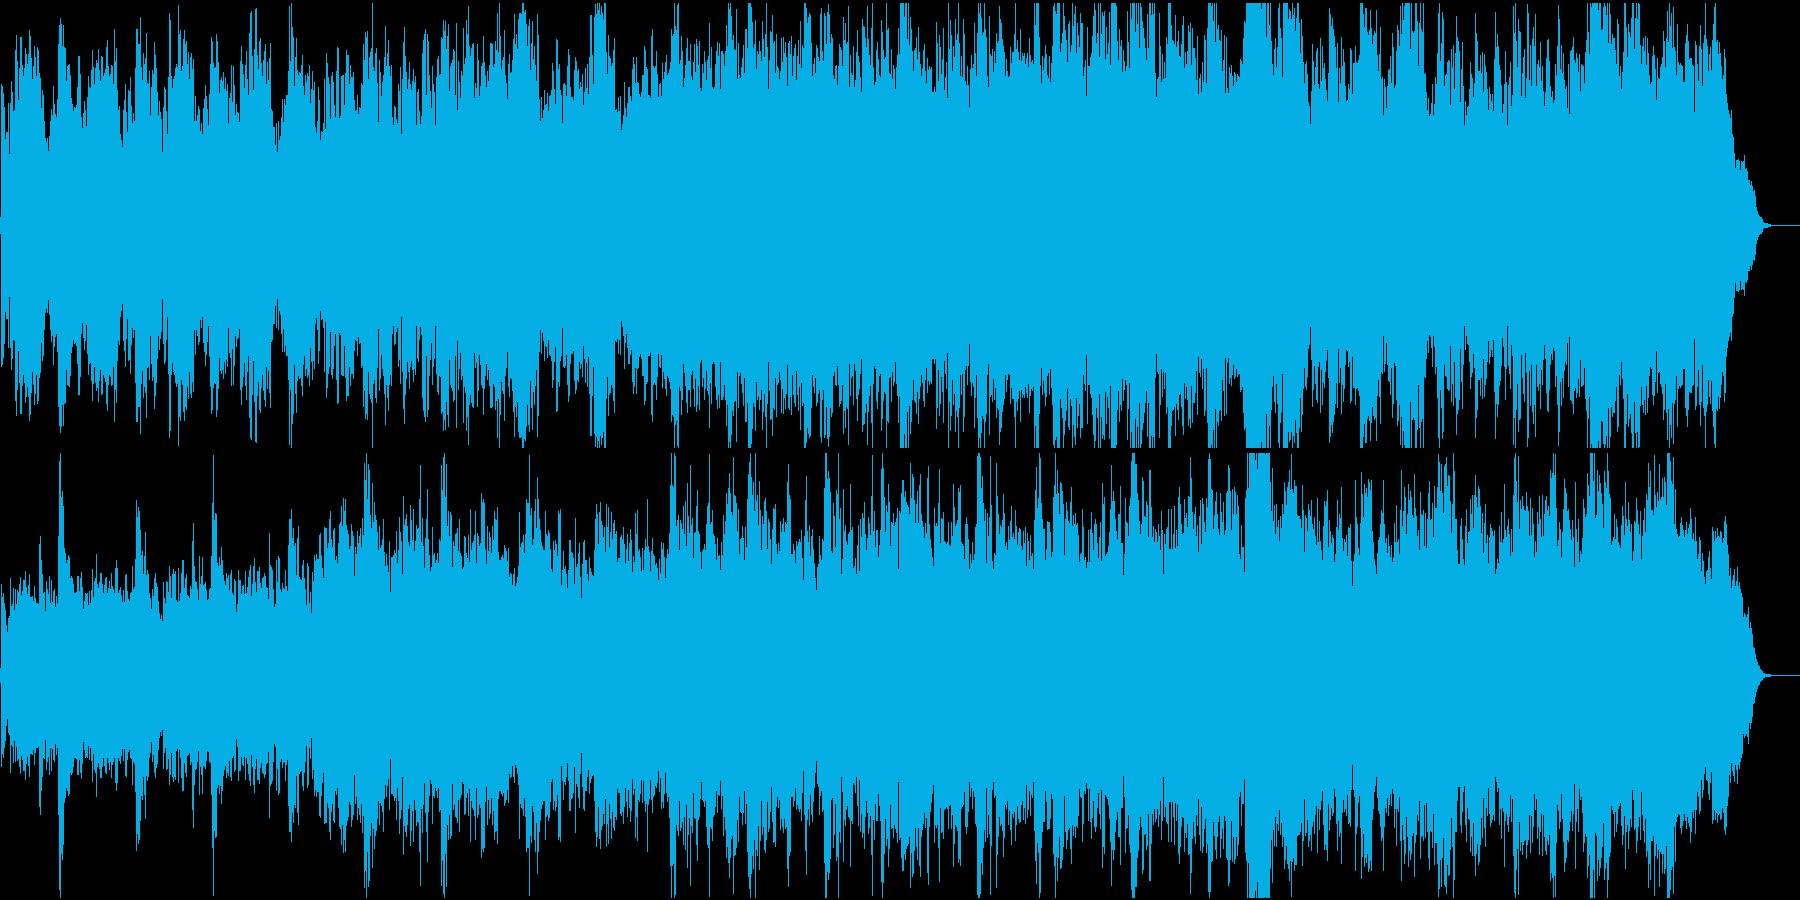 切なさを乗り越える感動オケ1全楽器フルの再生済みの波形